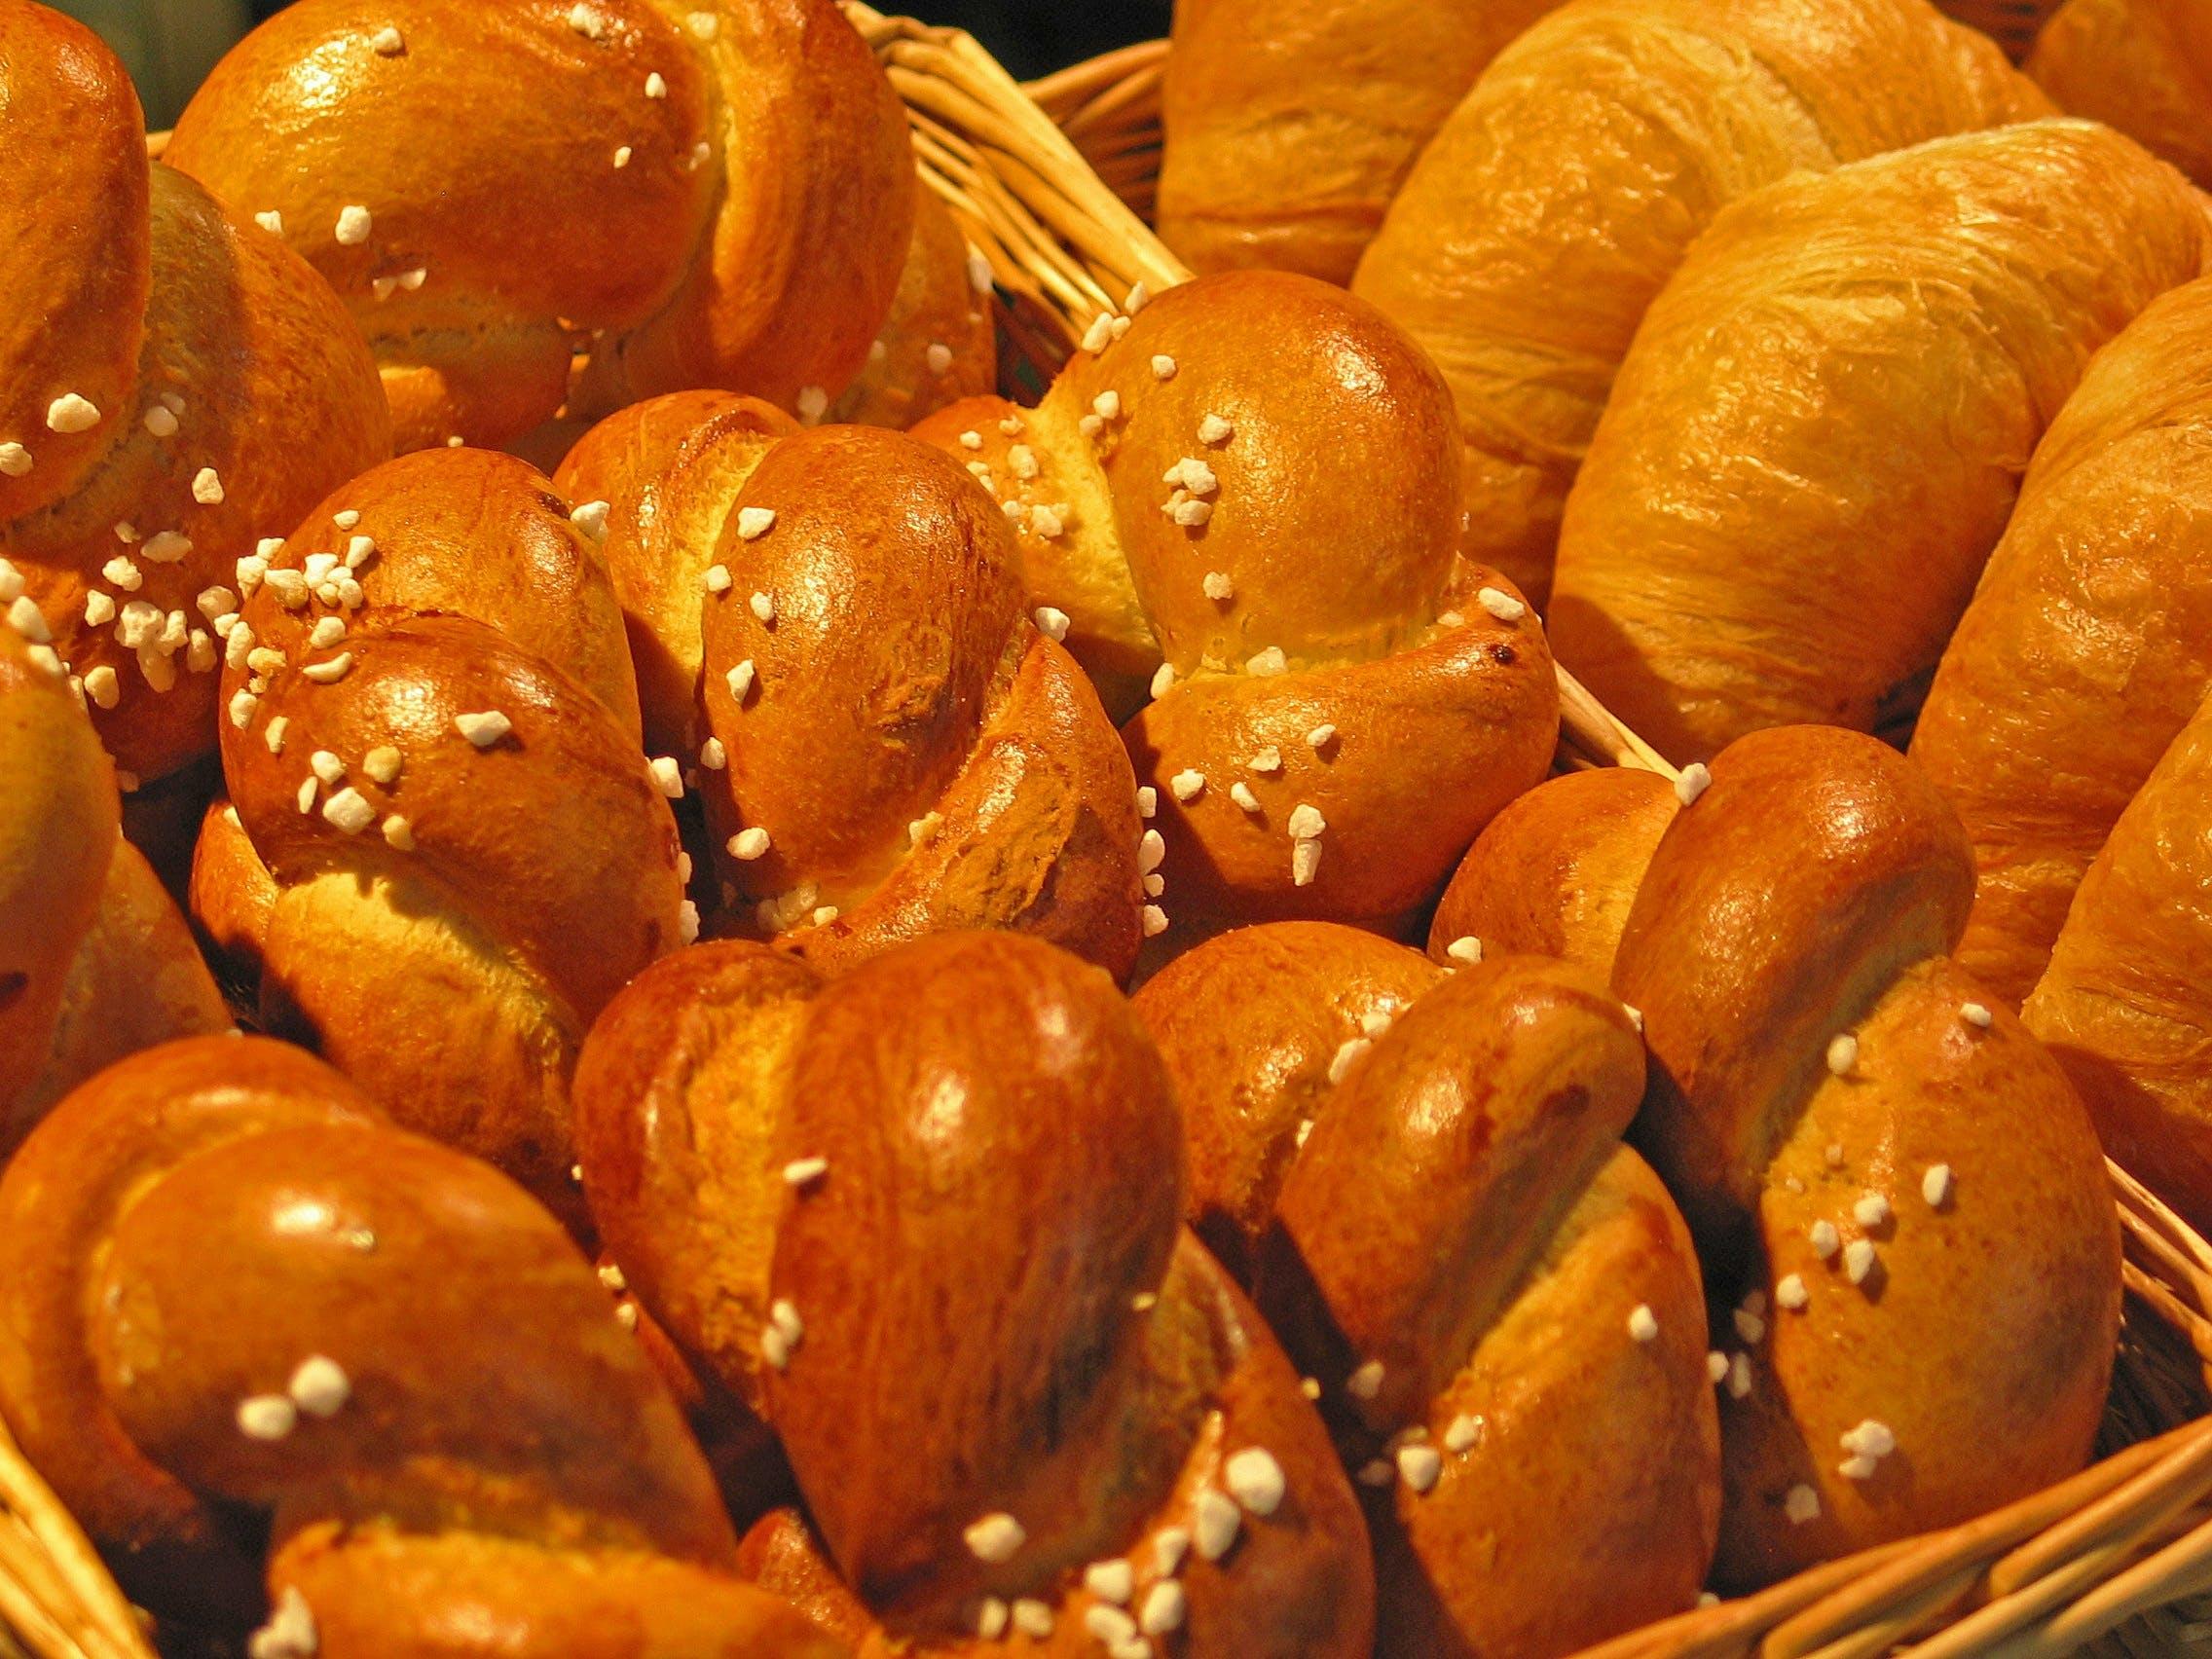 Full Frame Shot of Breads